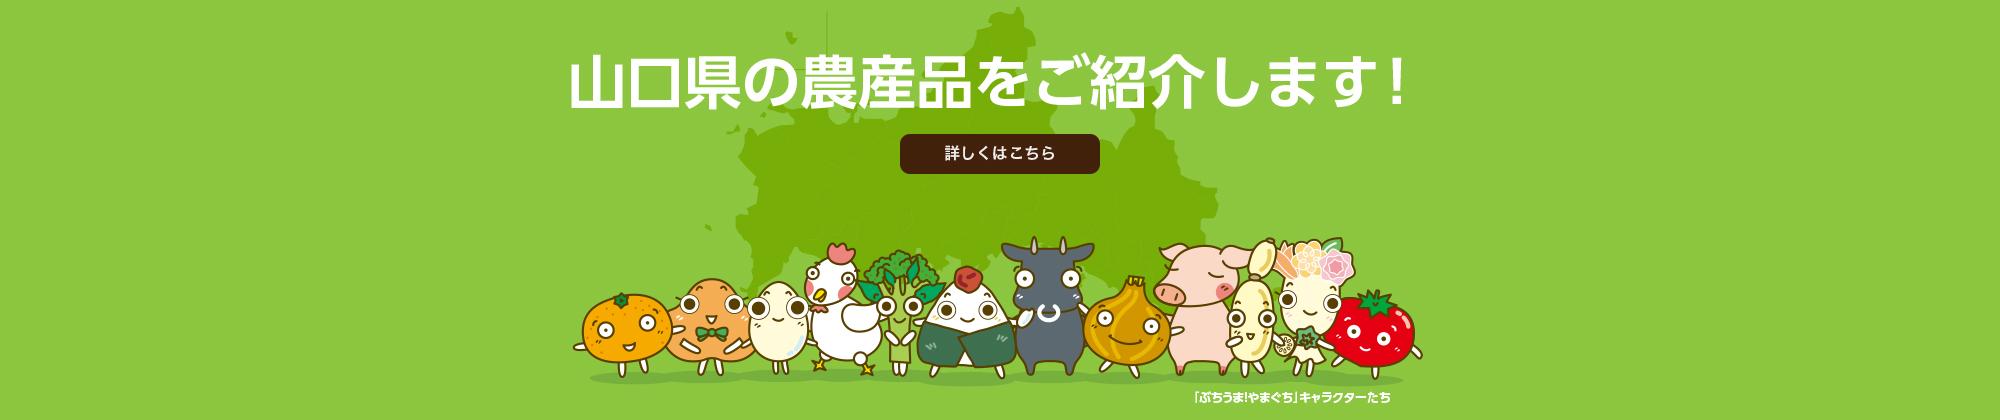 山口県の特産品をご紹介します。